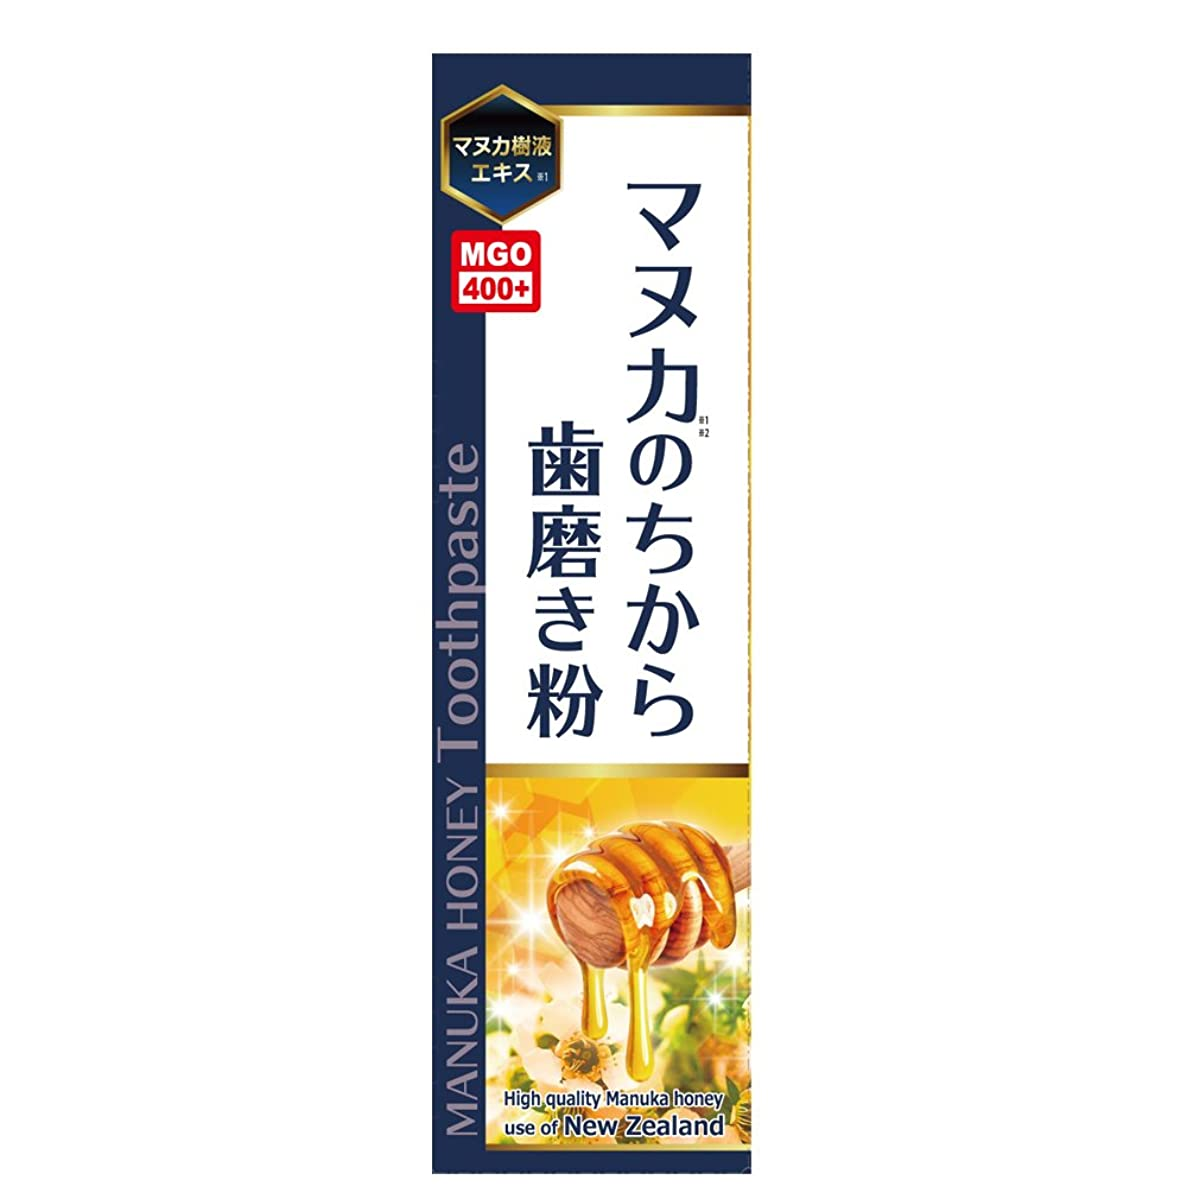 薬剤師民主主義砂のマヌカのちから歯磨き粉 ハチミツレモン味 100g